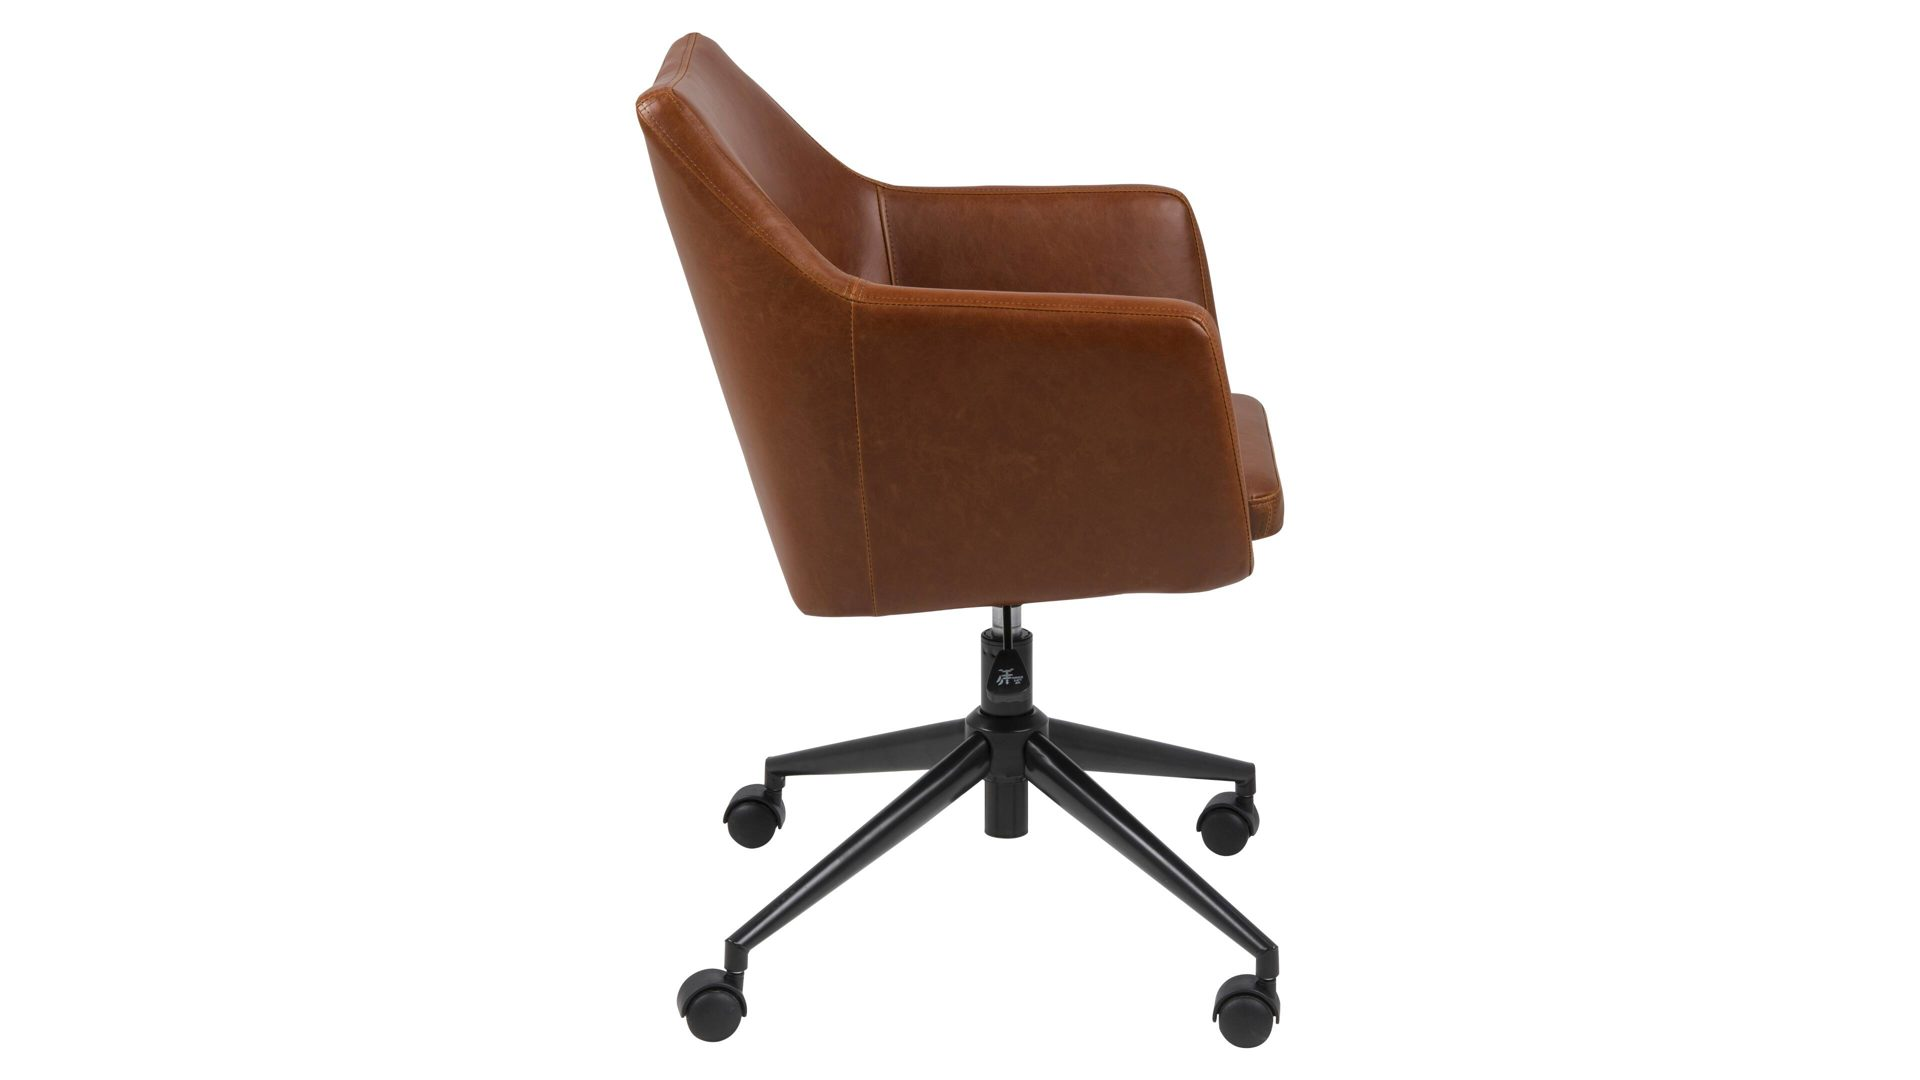 EINRICHTUNGSPARTNERRING, Möbel A-Z, Stühle + Bänke, Armlehnstühle ...